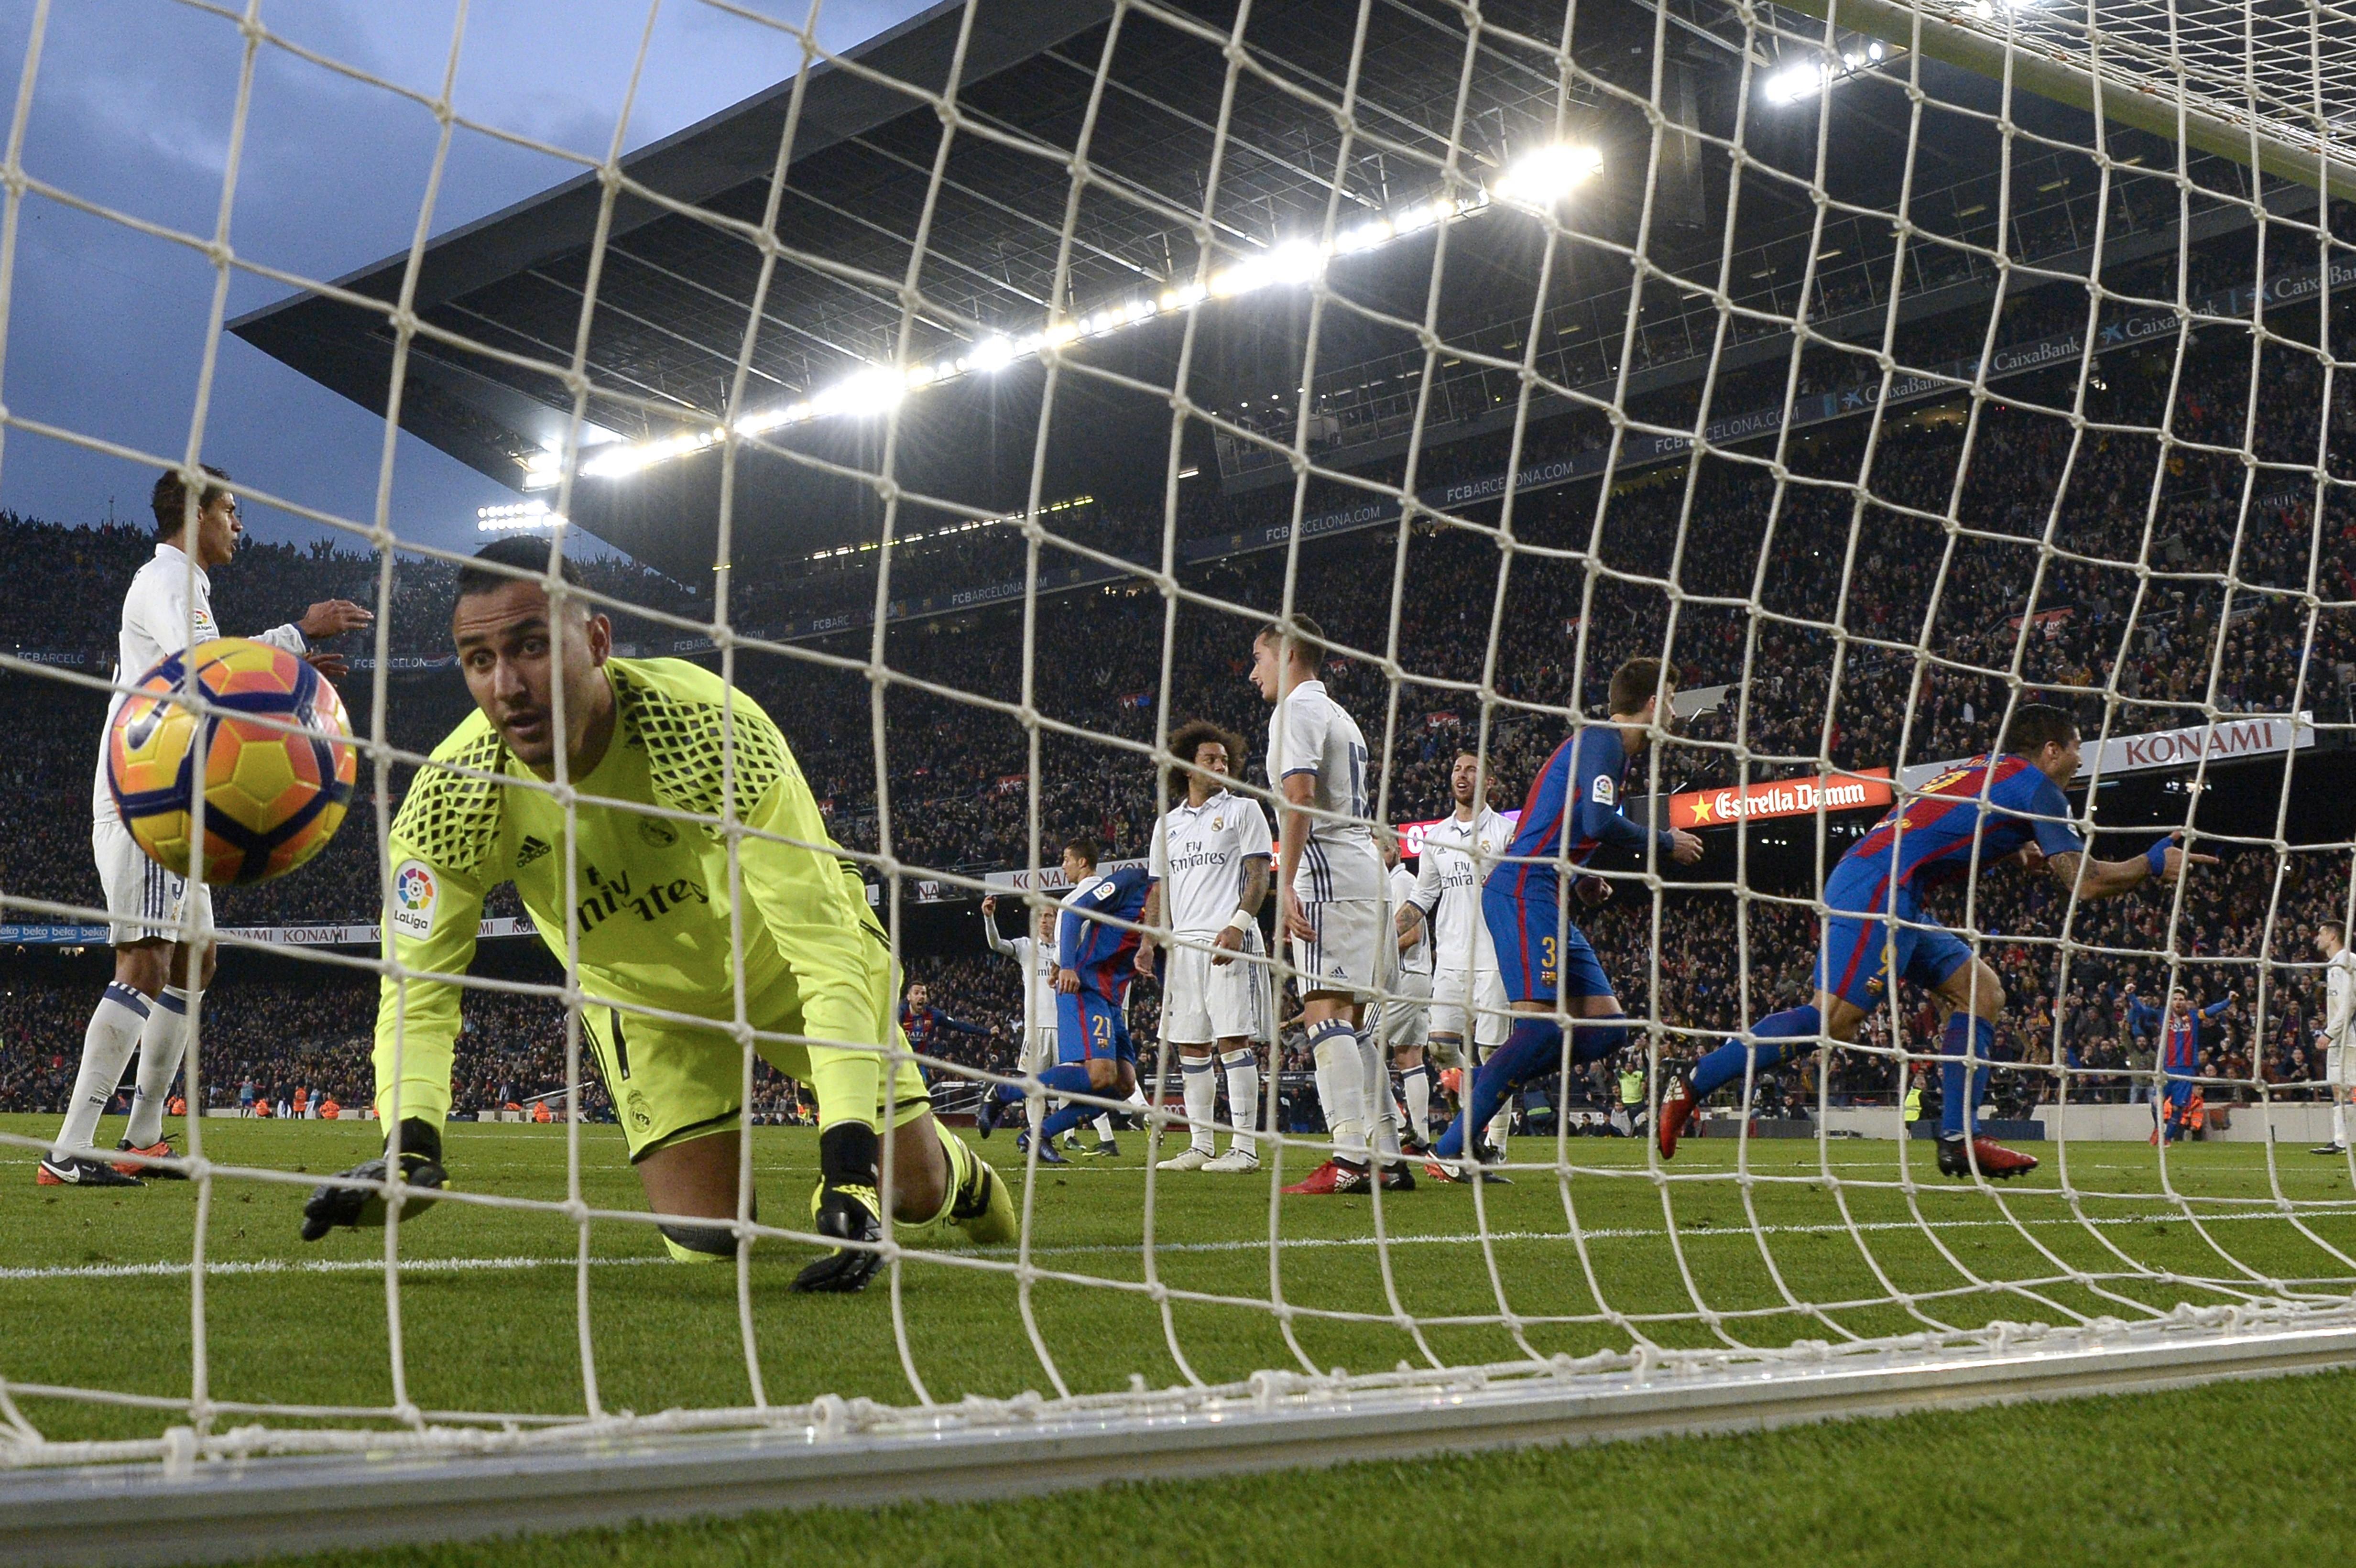 Luis Suarez buteur lors de FC Barcelone - Real Madrid en Liga le 3 décembre 2016